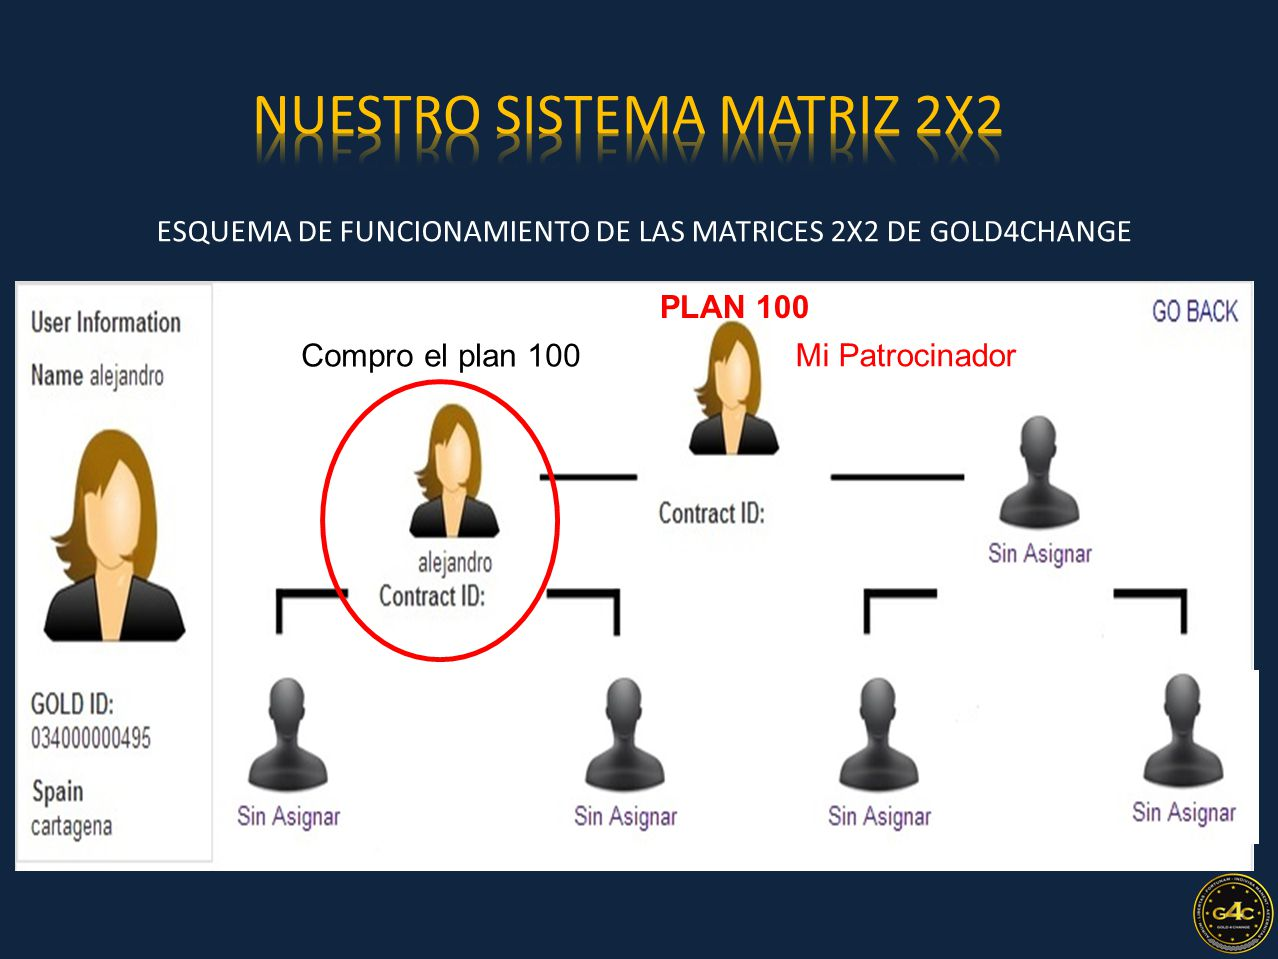 ESQUEMA DE FUNCIONAMIENTO DE LAS MATRICES 2X2 DE GOLD4CHANGE 2 Nivel Mi Patrocinador PLAN 100 Compro el plan 100